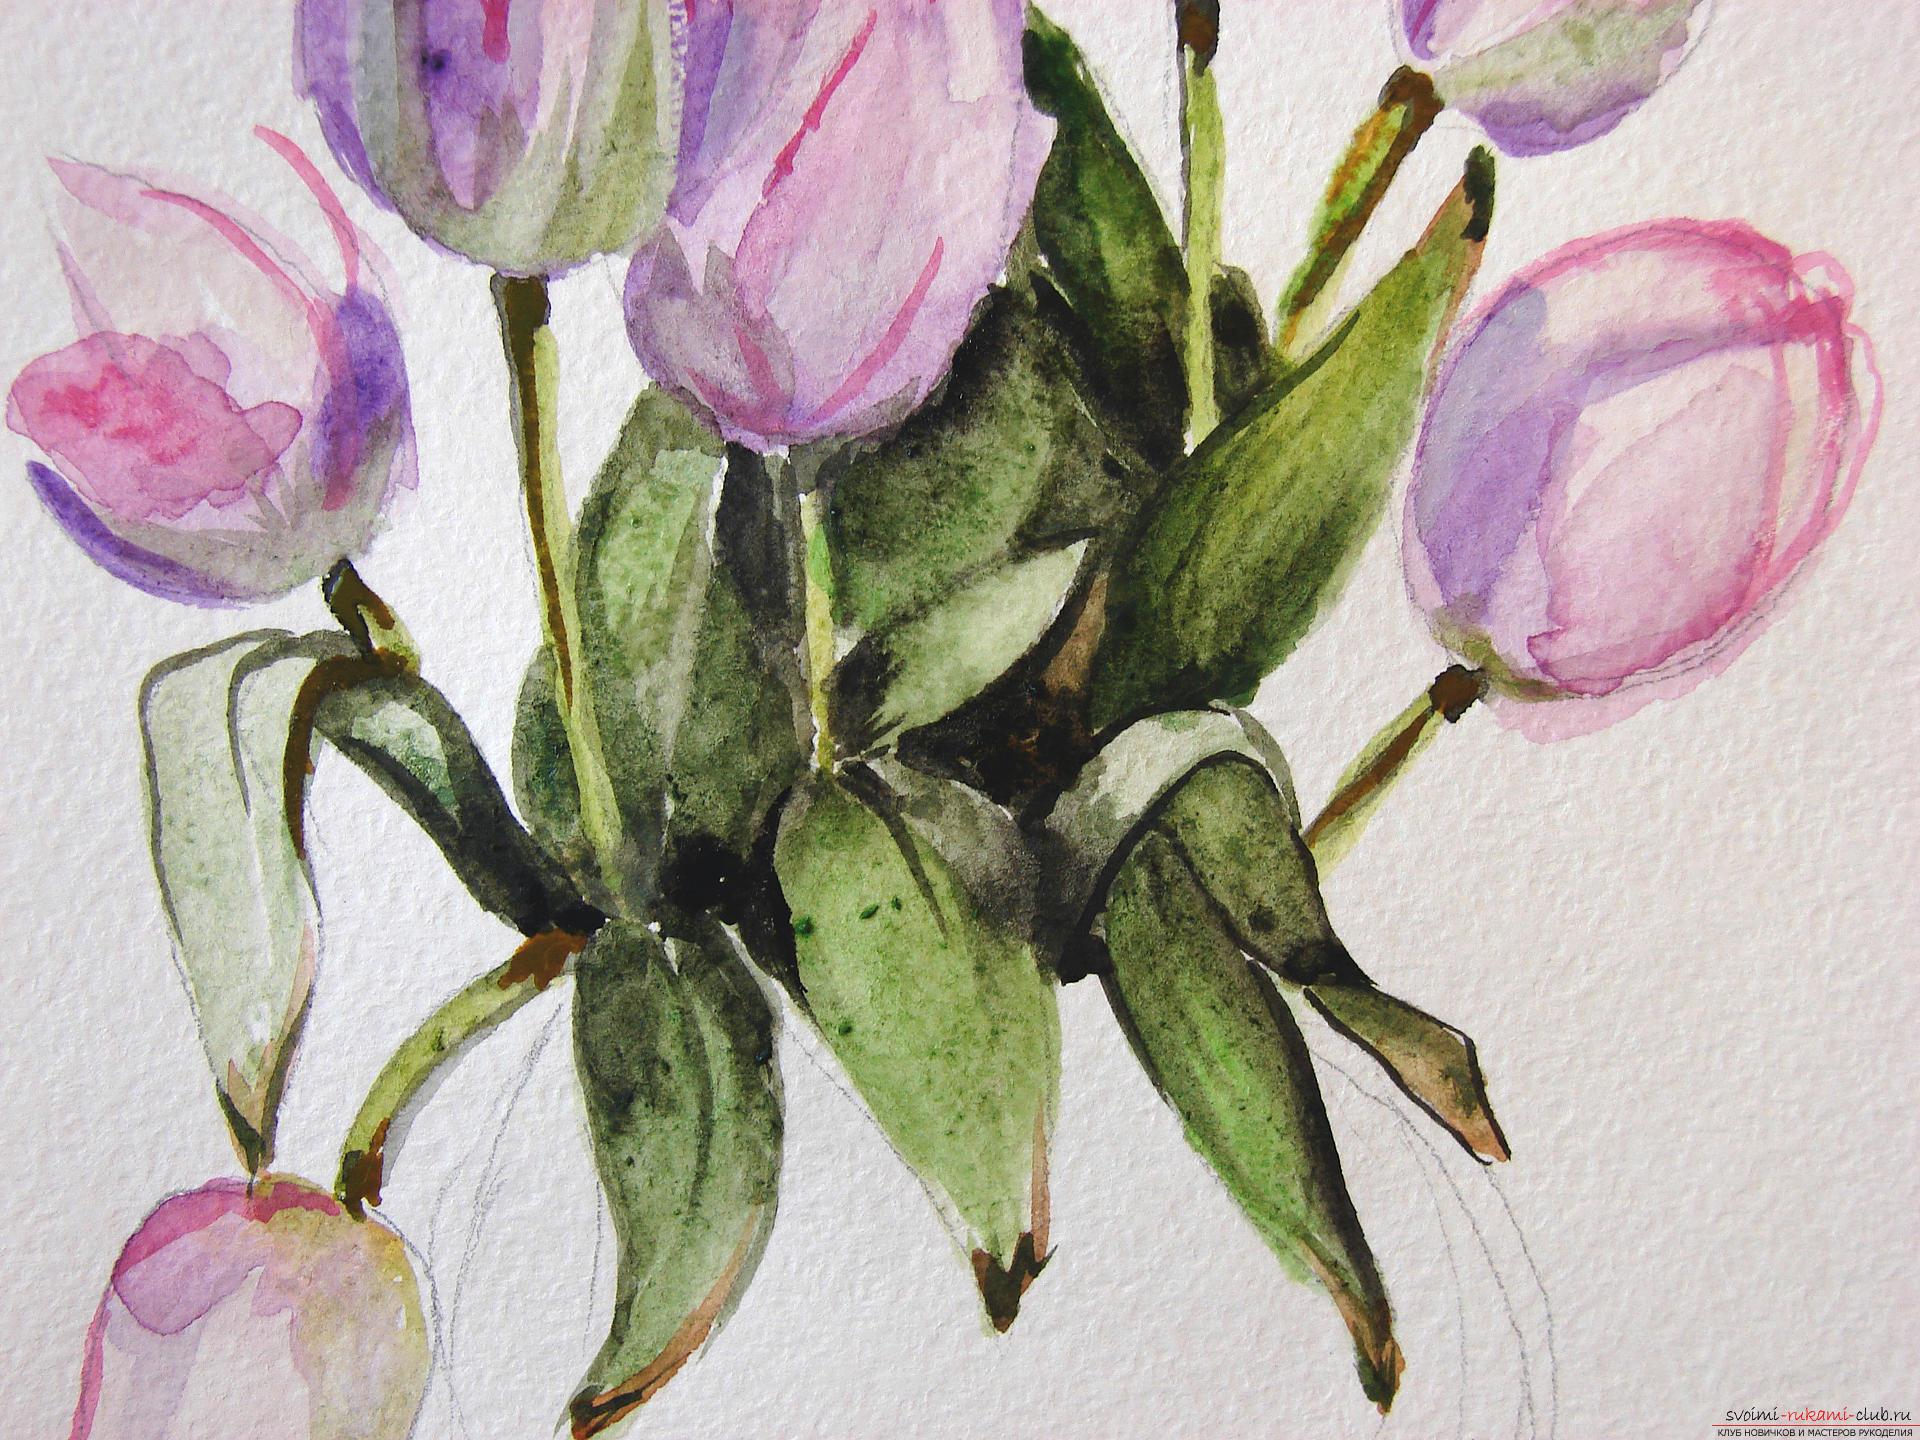 Мастер-класс по рисованию с фото научит как нарисовать цветы, подробно описав как рисуются тюльпаны поэтапно.. Фото №15